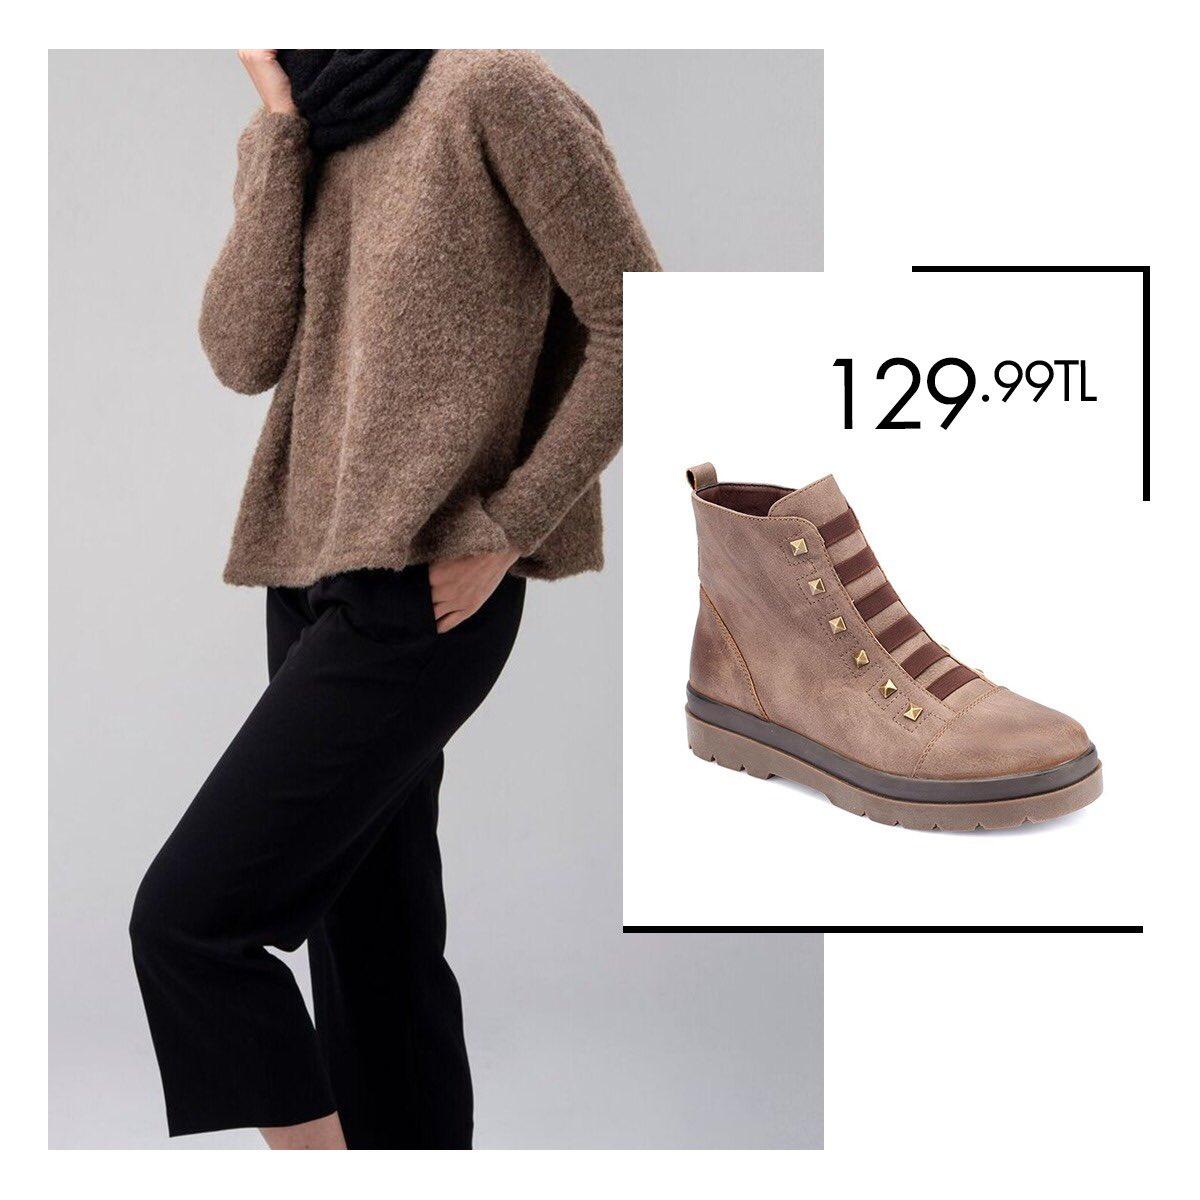 Salaş kazaklarınız ve siyah pantolonlarınızın tamamlayıcısı olacak vizon botlarla stiliniz hep ön planda! Vizon Kadın Bot 36-40 Numara 129,99 TL 🔎 100335079 http://bit.ly/2AOzv9X